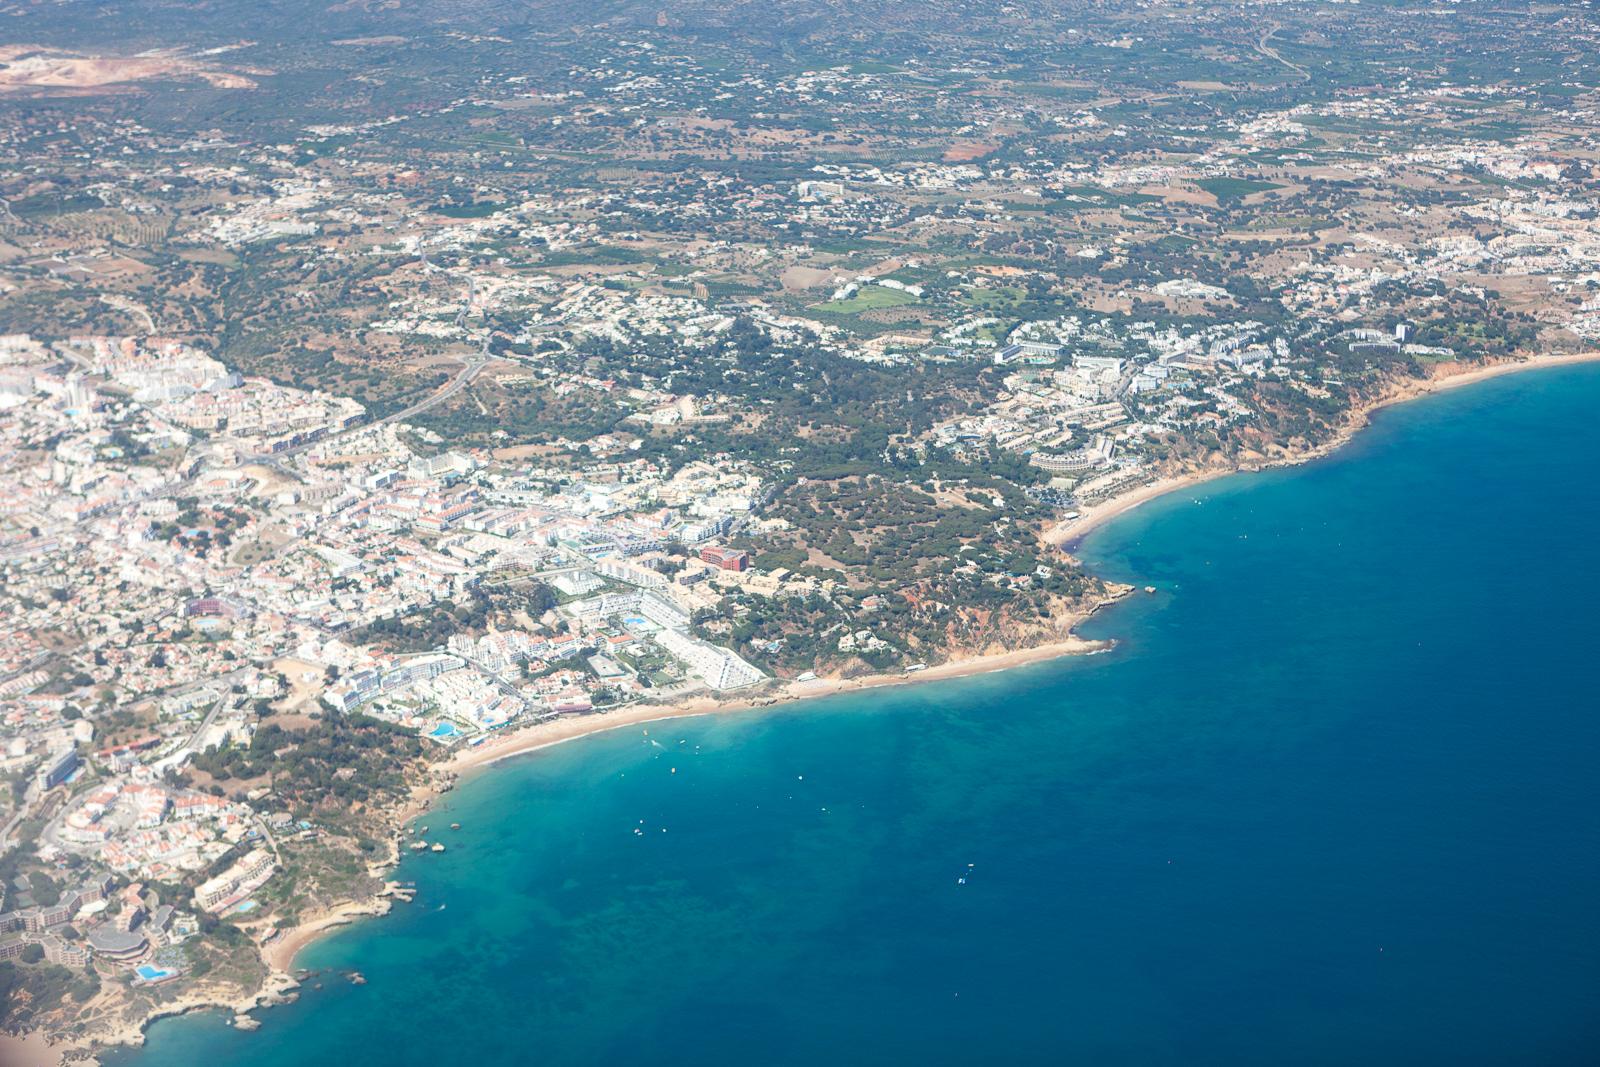 Dag01-Algarve-004-IMG_48839